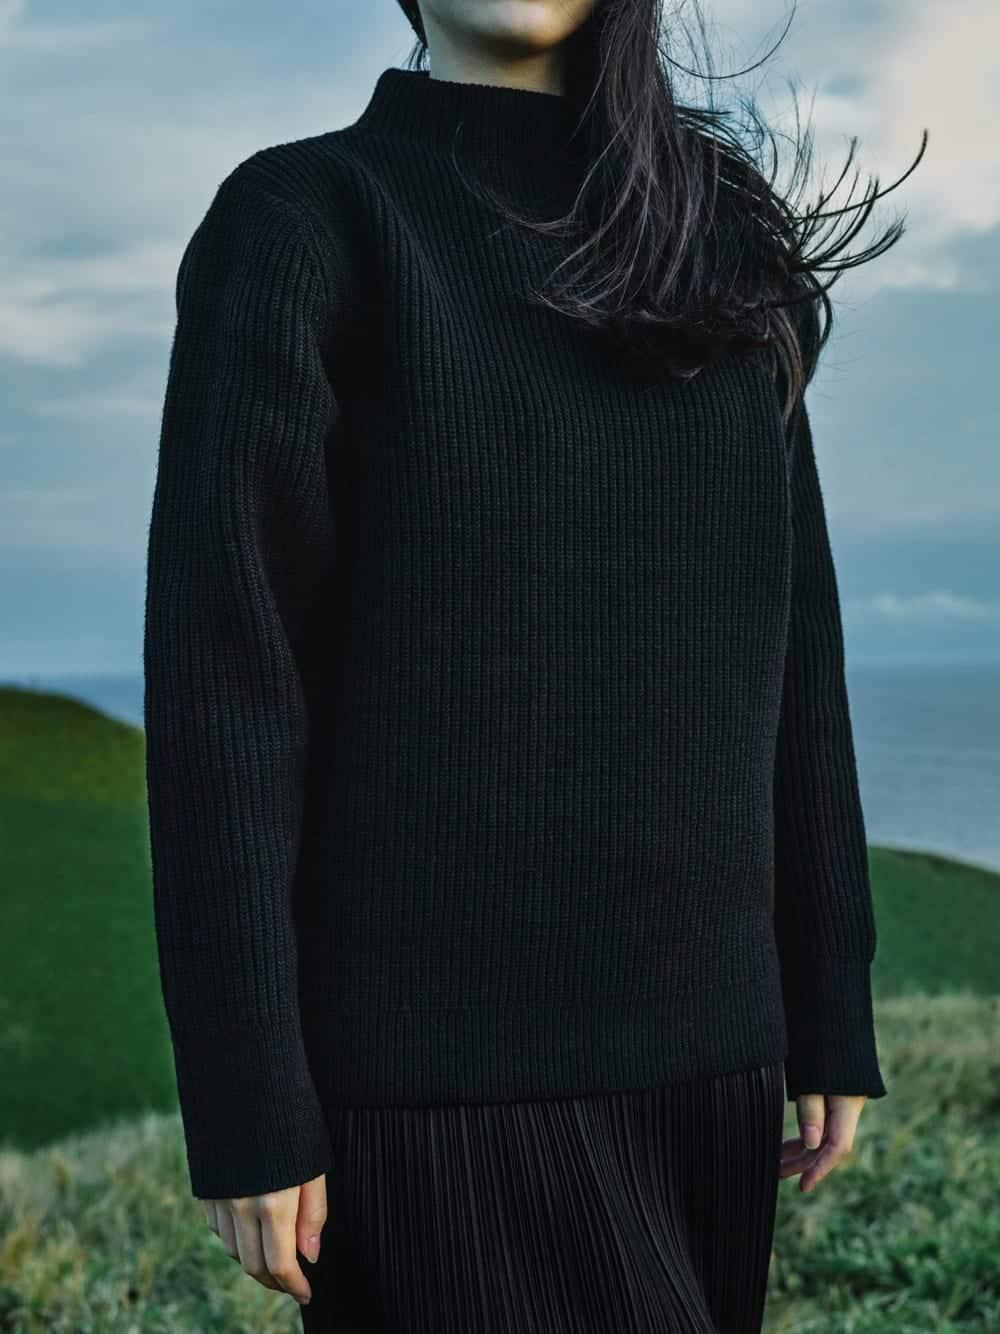 The Sweater von Goldwin: Der erste Knit-Sweater aus Brewed Protein, einer pflanzlichen Biomasse, Foto: Goldwin